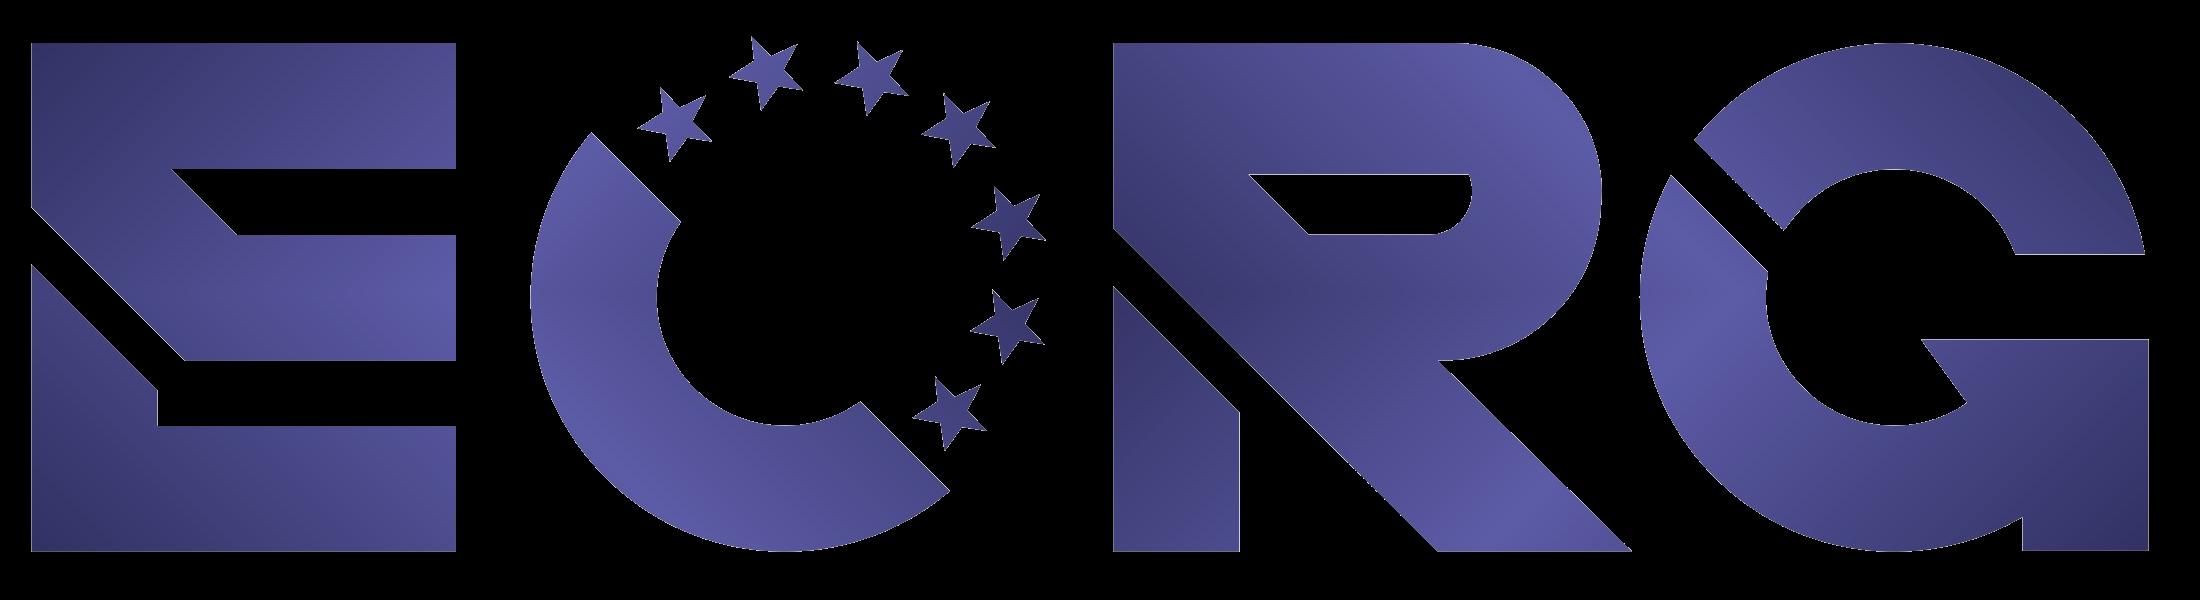 Europejski Ośrodek Rozwoju Gospodarki